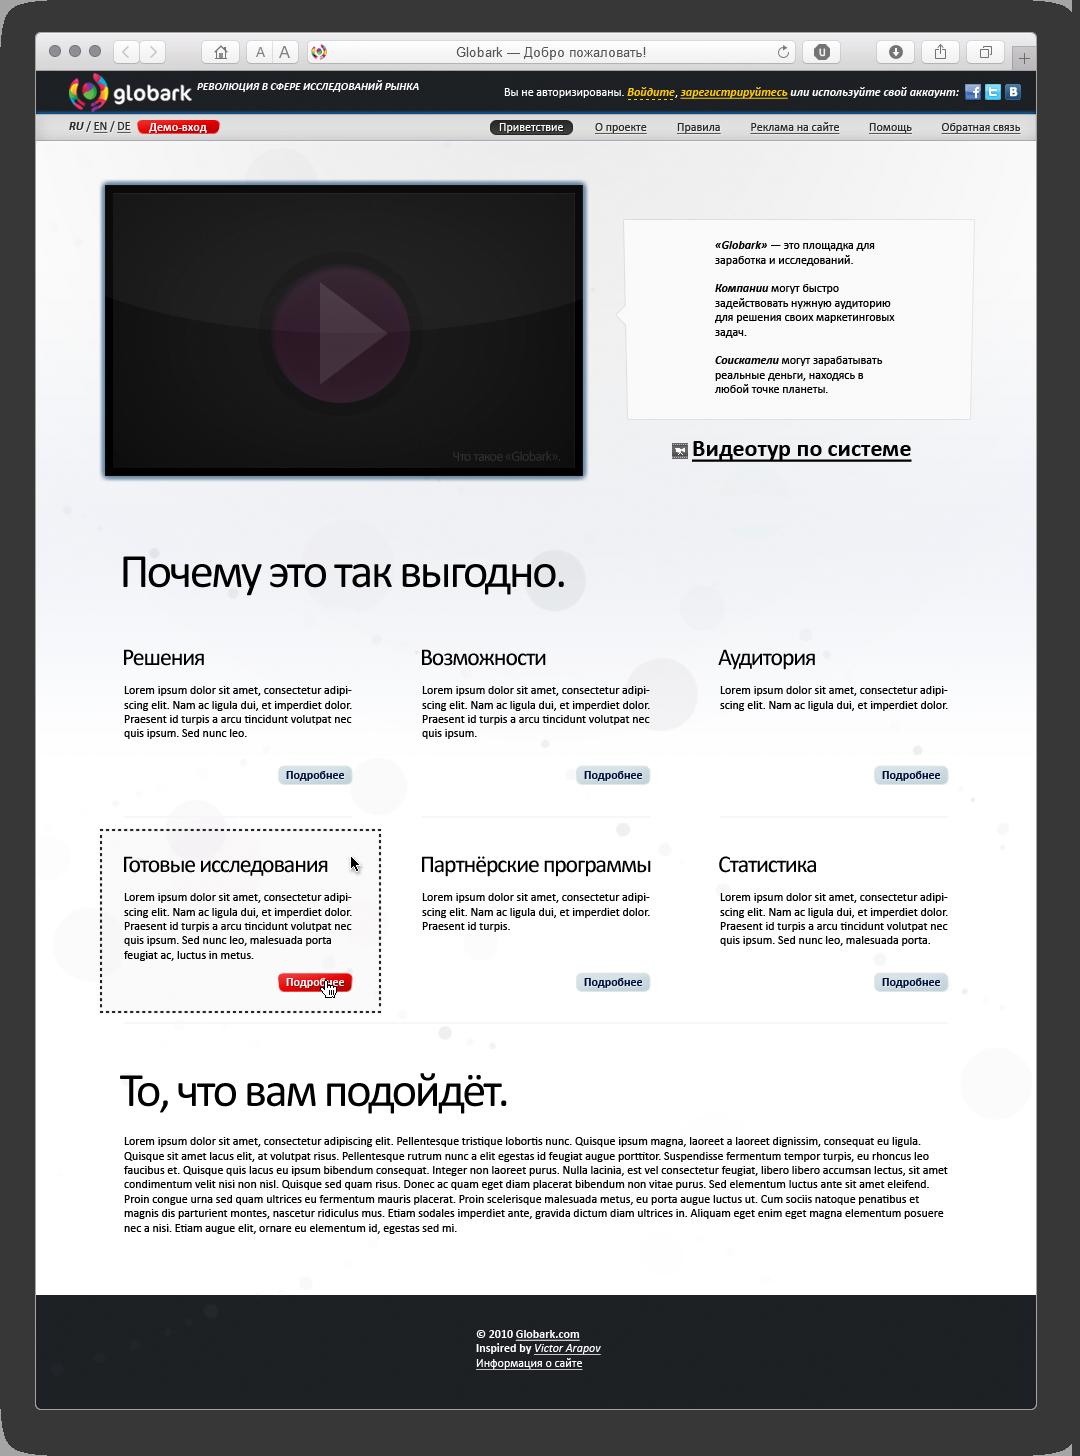 Архив: Globark, маркетинговые исследования